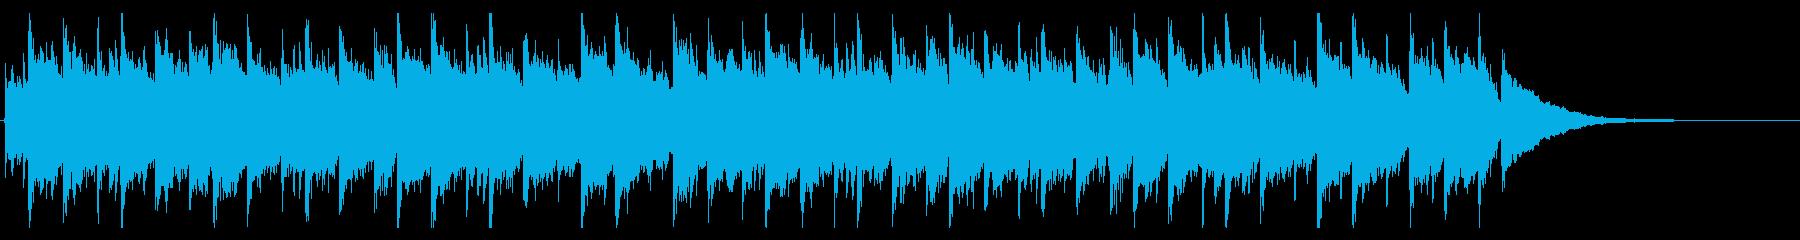 企業映像10 J<60秒CM>努力、情熱の再生済みの波形